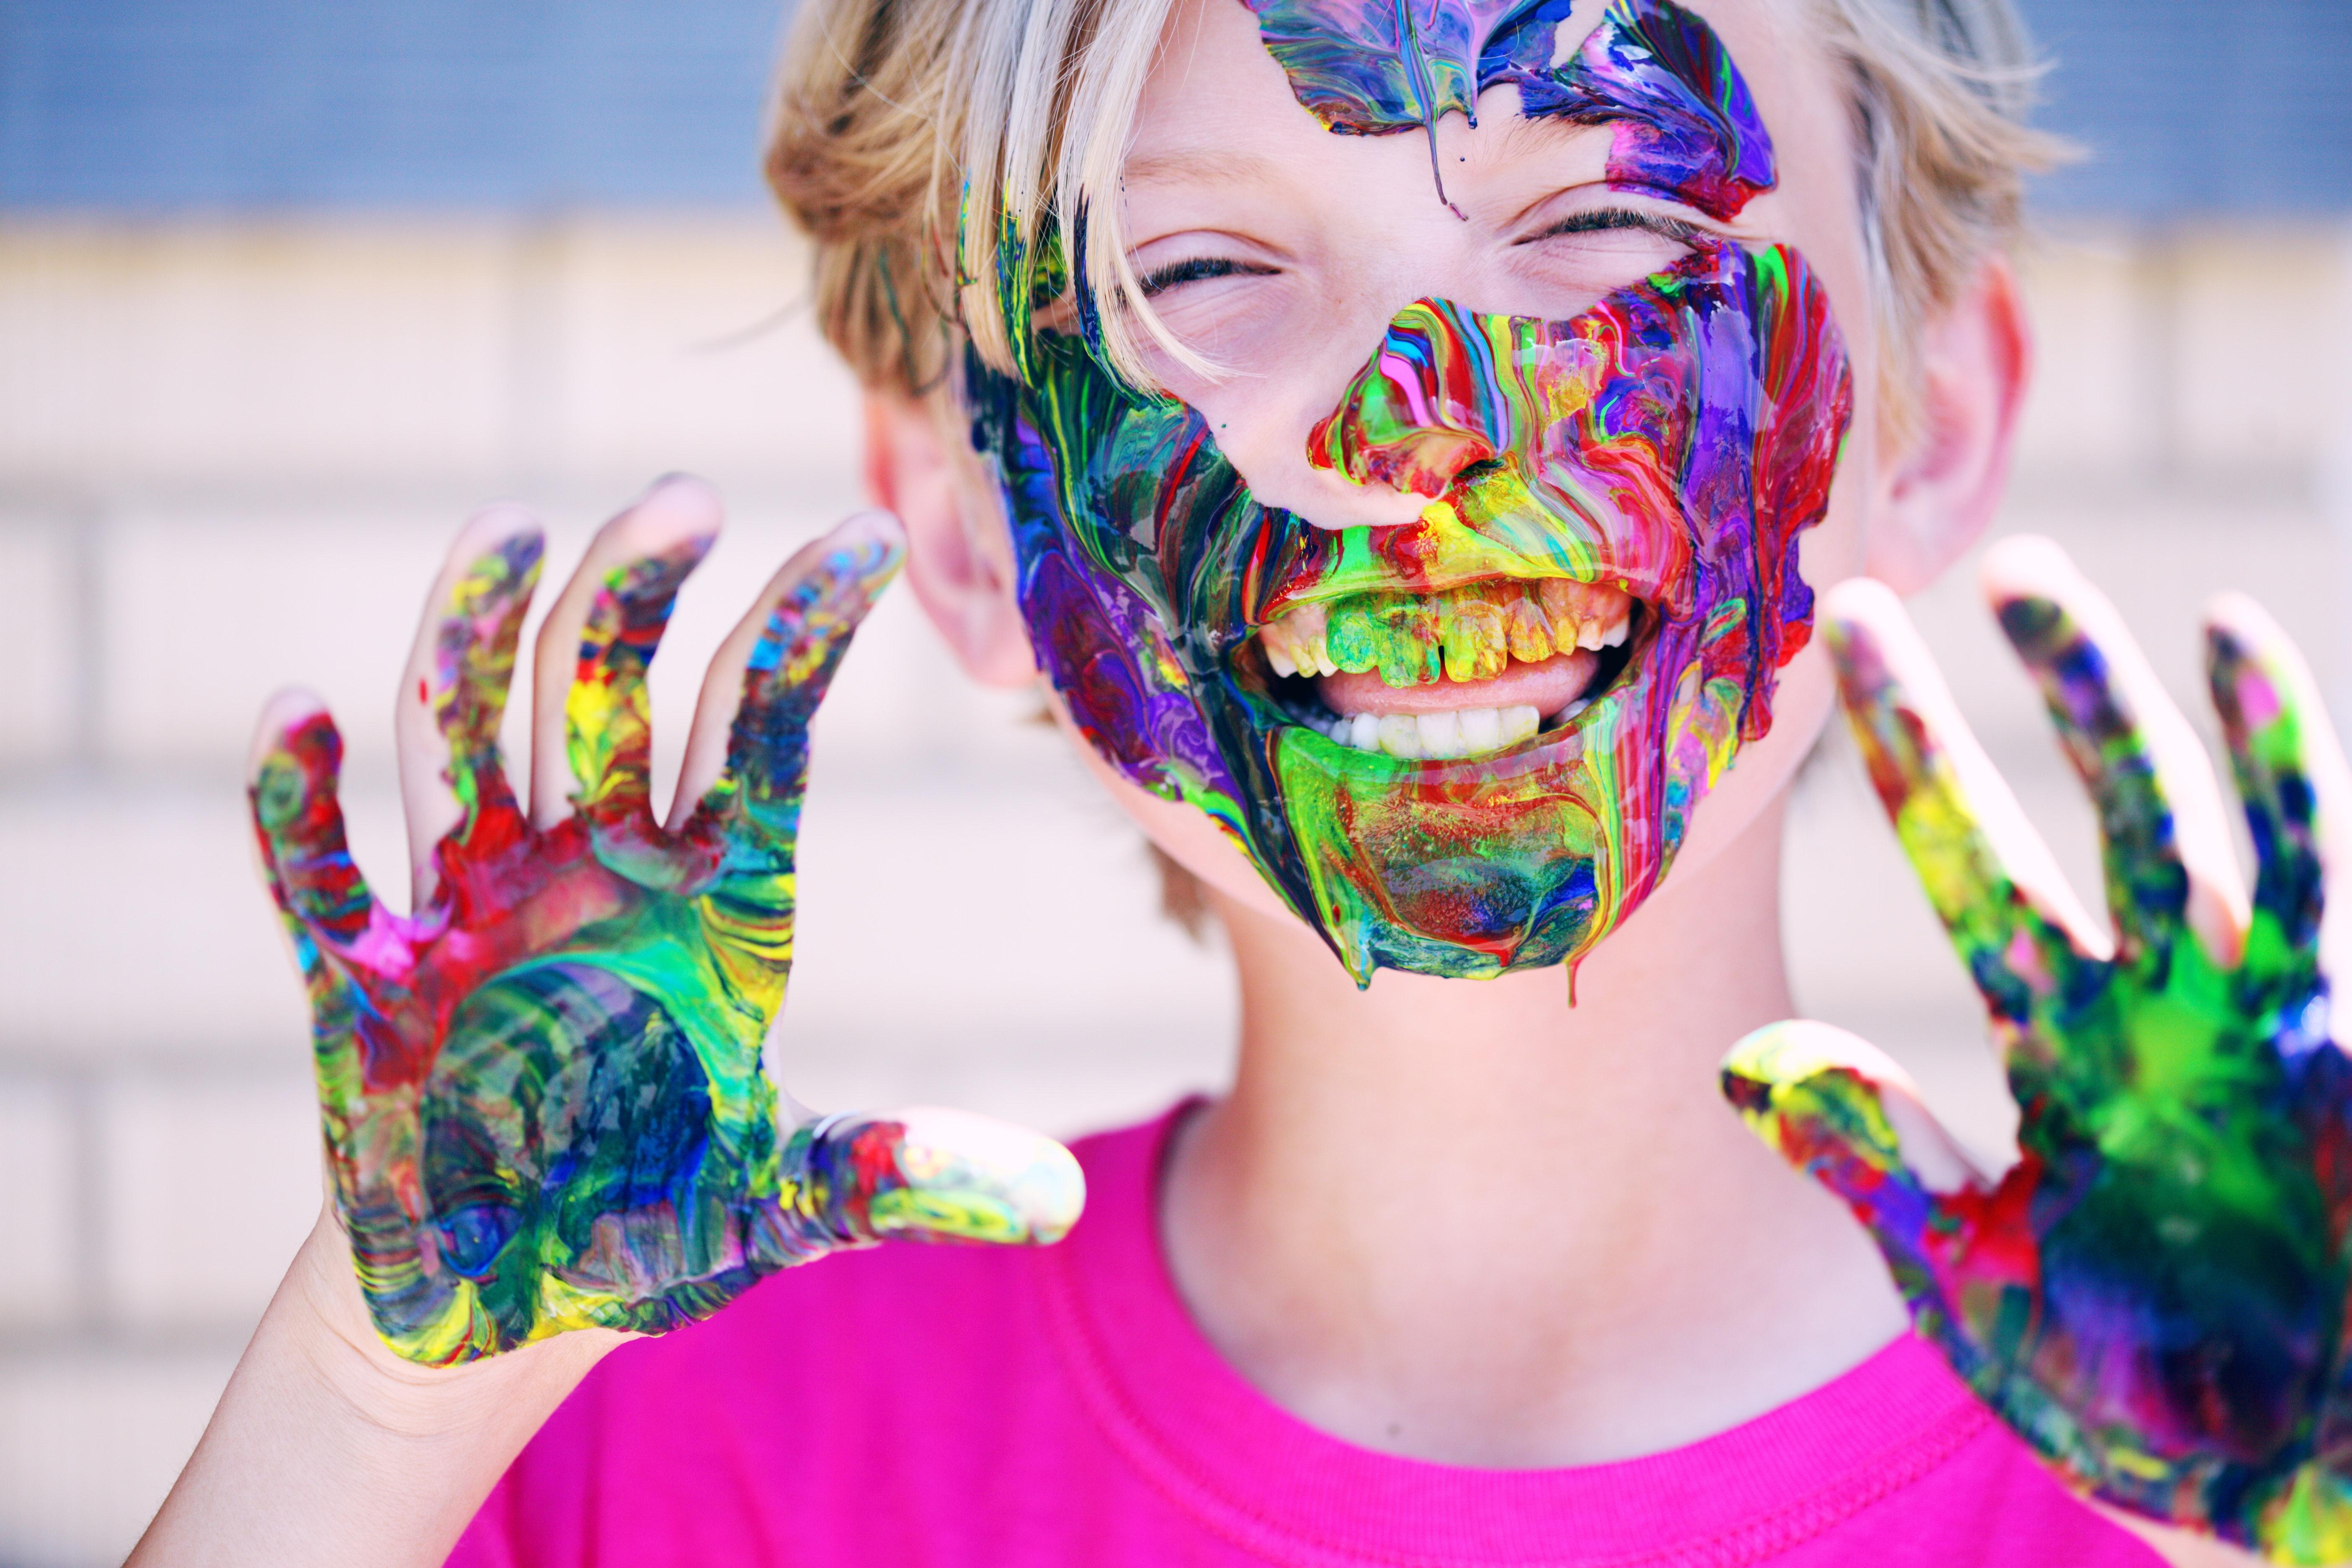 Free Images 4k Wallpaper Blur Boy Carefree Child